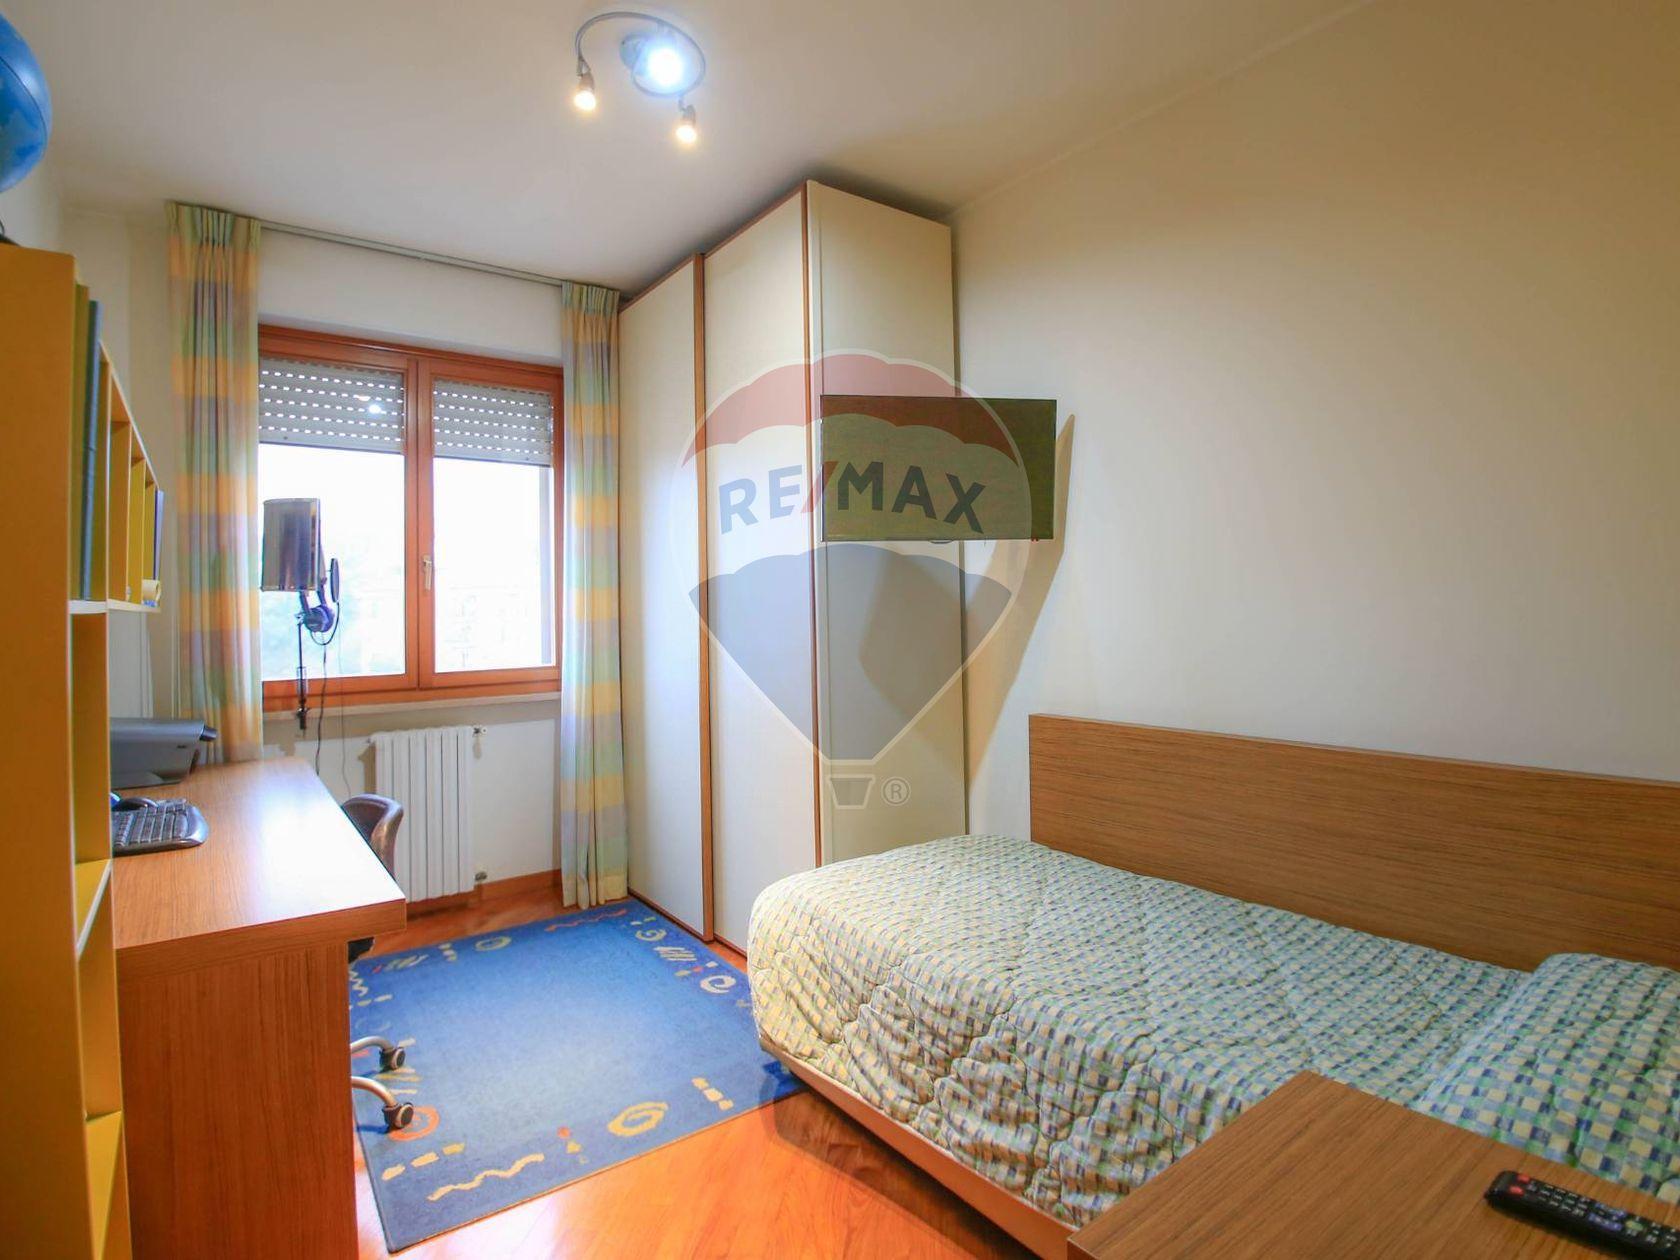 Appartamento Filippone, Chieti, CH Vendita - Foto 16